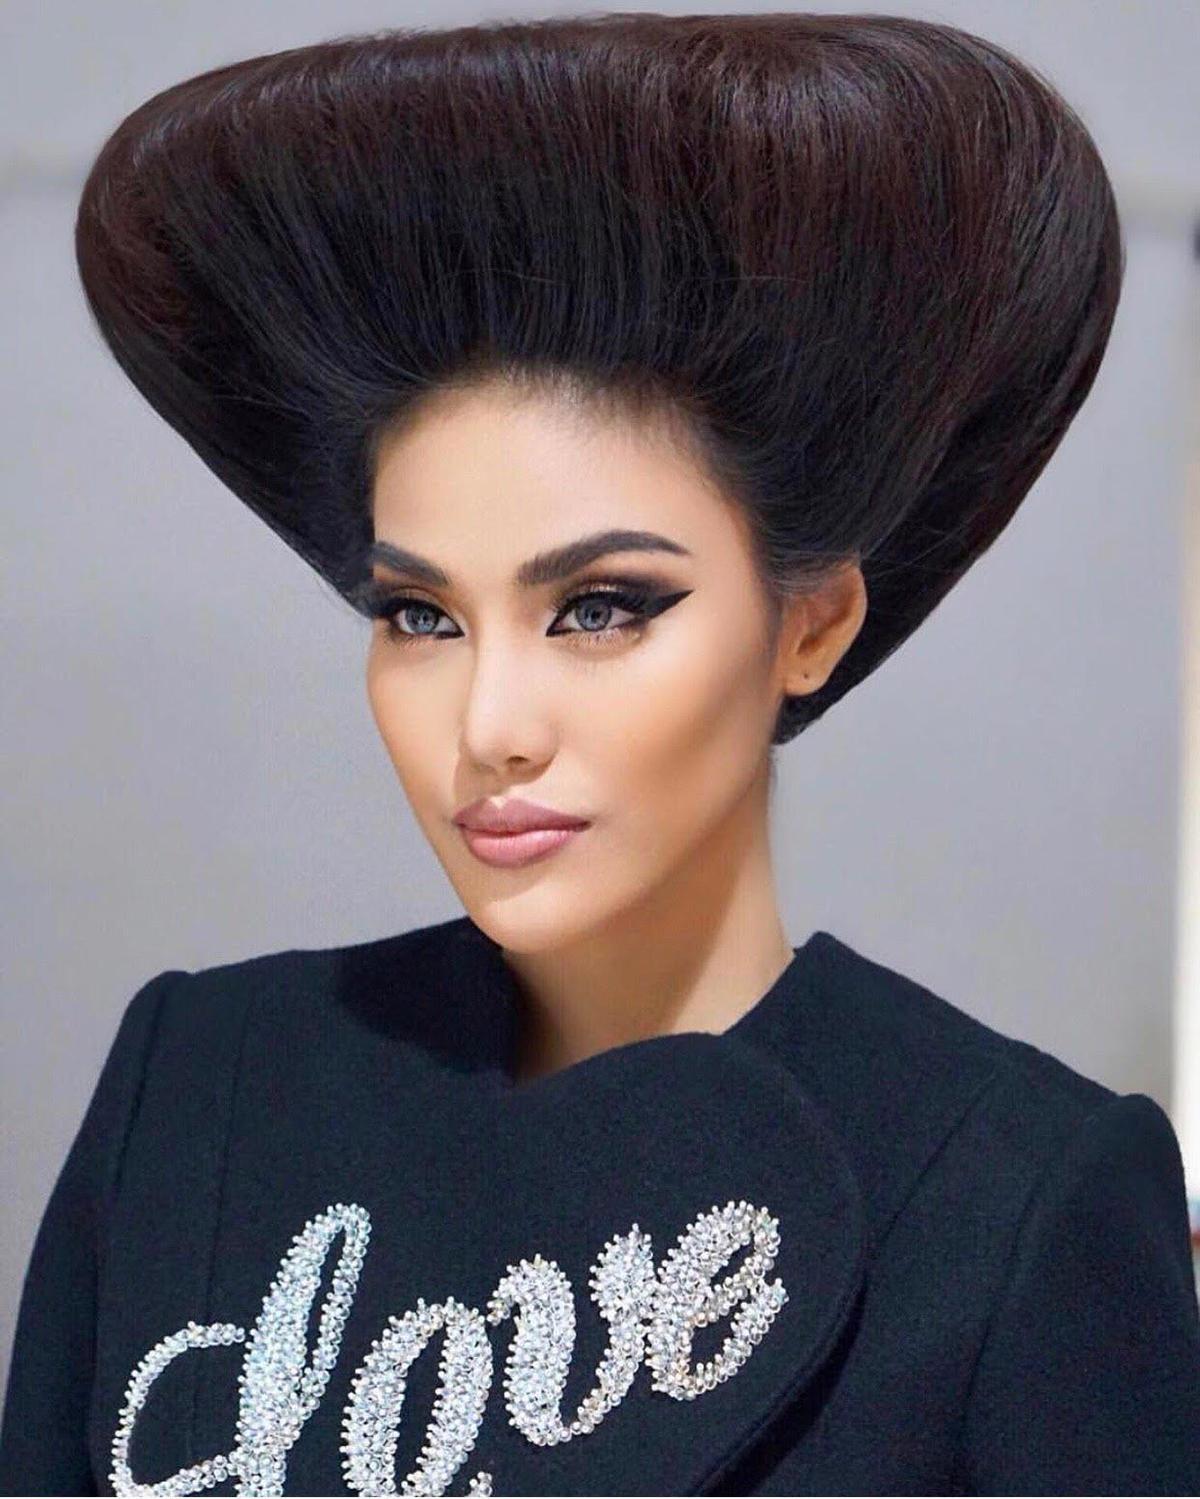 Lan Khuê phải sử dụng lương gôm khổng lồ để tạo cho mái tóc dựng đứng thành hình tam giác ngược, trông giống hệt đội... cơm nắm trên đầu.